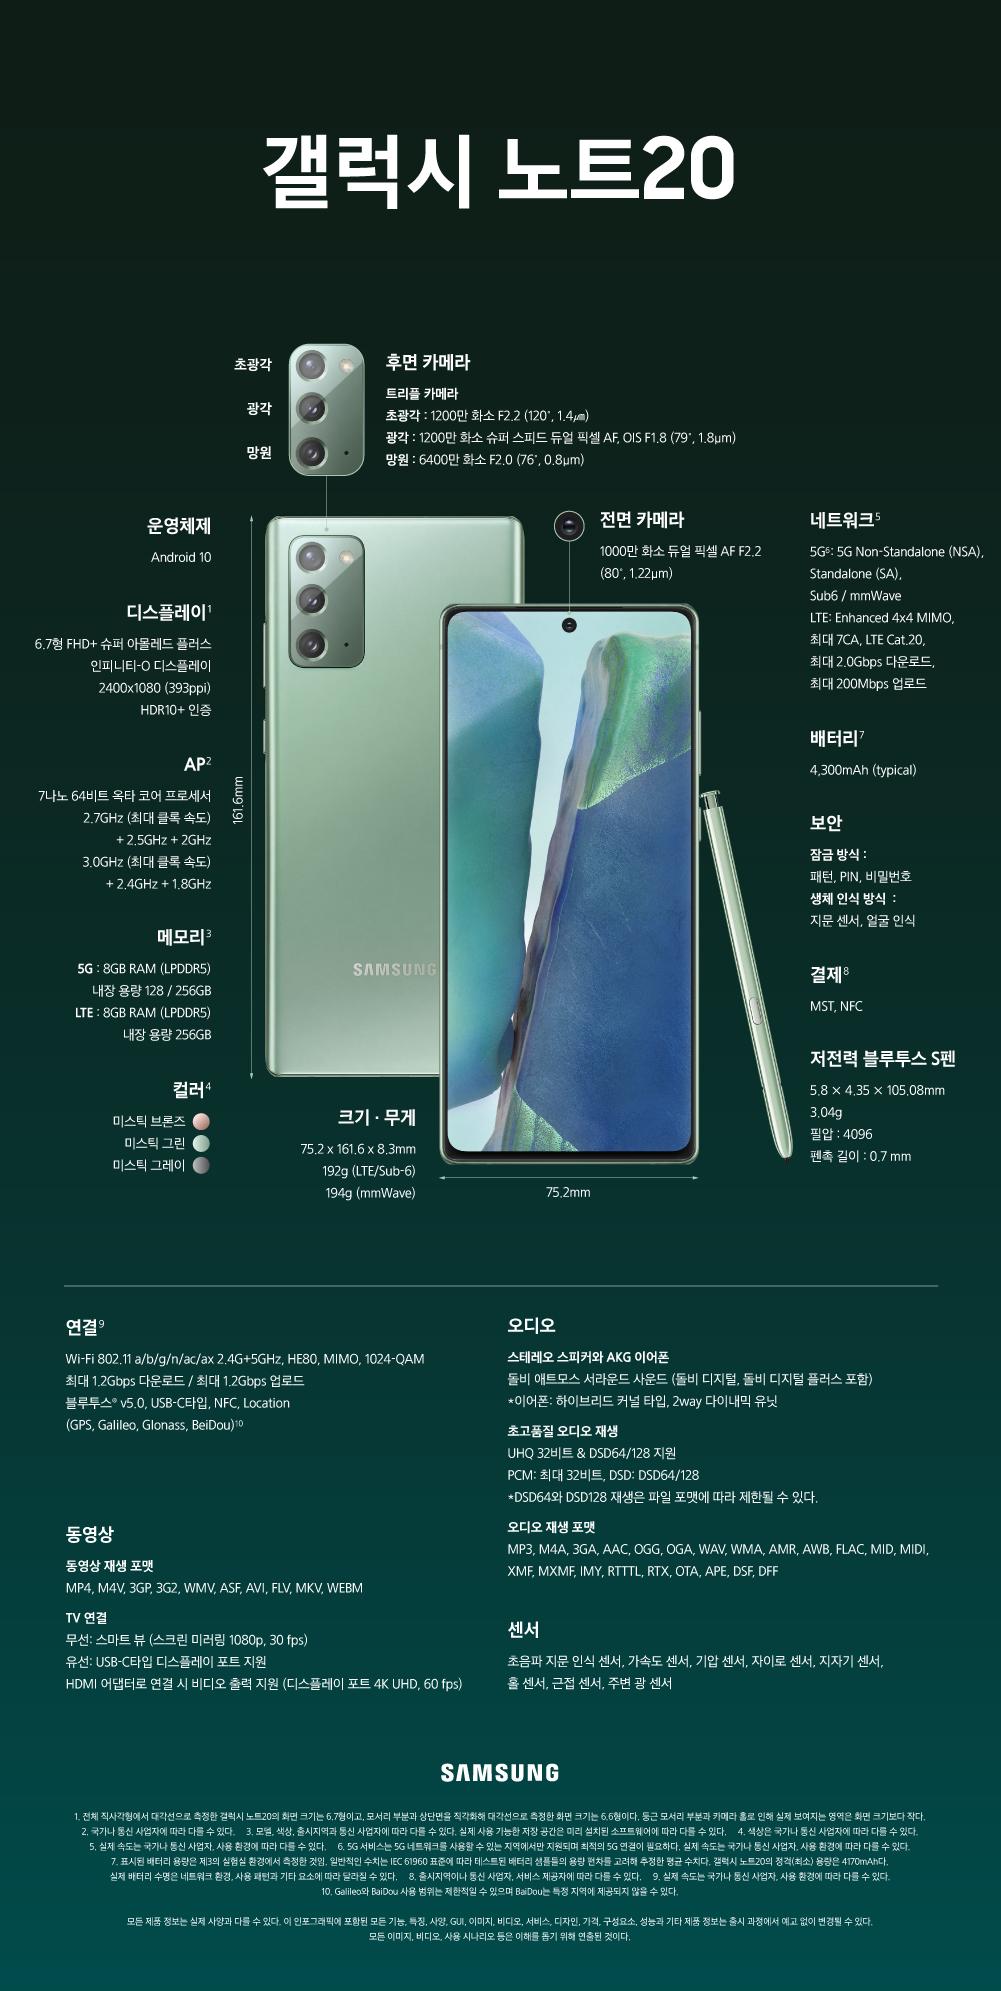 갤럭시 노트20 운영체제 Android 10 디스플레이(전체 직사각형에서 대각선으로 측정한 갤럭시 노트20의 화면 크기는 6.7형이고, 모서리 부분고 상단면을 직각화해 대각선으로 측정한 호면 크기는 6.6형이다. 둥근 모서리 부분과 카메라 홀로 인하여 실제 보여지는 영역은 화면 크기보다 작다.) 6.7형 FHD+ 슈퍼 아몰레드 플러스 인피니티-O 디스플레이 2400X1080 (393ppi) HDR10+ 인증 AP(국가나 통신 사업자에 따라 다를 수 있다.) 7나노 64비트 옥타 코어 프로세서 2.7GHz(최대 클록 속도) + 2.5GHz + 2GHz 3.0GHz(최대 클록 속도) + 2.4GHz + 1.8GHz 메모리(모델, 색상, 출시지역과 통신 사업자에 따라 다를 수 있다. 실제 사용 가능한 저장 공간은 미리 설치된 소프트웨어에 따라 다를 수 있다.) 5G 8GB RAM(LPDDR5) 내장 용량 128/256GB LTE 8GB(LPDDR5) 내장 용량 256GB 컬러(색상은 국가나 통신 사업자에 따라 다를 수 있다.) 미스틱 브론즈 미스틱 그린 미스틱 그레이 크기•무게 75.2x161.6x8.3mm 192g(LTE/Sub-6) 194g(mmWave) 후면 카메라 트리플 카메라 초광각: 1200만 화소 F2.2(120′, 1.4㎛) 광각: 1200만 화소 슈퍼 스피드듀얼 픽셀 AF, OIS F1.8(79′, 1.8㎛), 망원: 6400만 화소 F2.0(76′, 0.8㎛) 전면 카메라 1000만 화소 듀얼 픽셀 AF F2.2 (80′, 1.22㎛) 네트워크(실제 속도는 국가나 통신 사업자, 사용 환경에 따라 다를 수 있다.) 5G(5G 서비스는 5G 네트워크를 사용할 수 있는 지역에서만 지원되며 최적의 5G 연결이 필요하다. 실제 속도는 국가나 통신 사업자, 사용 환경에 따라 다를 수 있다.) 5G Non Standalone(NSA), Standalone(SA), Sub6 / mmWace LTE: Enhanced 4X4 MIMO 최대 7CA, LTE Cat.20 최대 2.0Gbps 다운로드, 최대 200Mbps 업로드 배터리(표시된 배터리 용량은 제3의 실험실 환경에서 측정한 것임. 일반적인 수치는 IEC61960 표준에 따라 테스트된 배터리 샘플들의 용량 편차를 고려해 추정한 평균 수치다. 갤럭시 노트20의 정격(최소) 용량은 4170mAh다. 실제 배터리 수명은 네트워크 환경, 사용 패턴과 기타 요소에 따라 달라질 수 있다.) 4,300mAh (typical) 보안 잠금 방식: 패턴•PIN•비밀번호 / 생체 인식 방식 : 지문 센서•얼굴 인식 결제(출시지역이나 통신 사업자, 서비스 제공자에 따라 다를 수 있다.) MST, NFC 저전력 블루투스 S펜 5.8 x 4.35 x 105.08mm 3.04g 필압: 4096 펜촉 길이 : 0.7mm 연결(실제 속도는 국가나 통신 사업자, 사용 환경에 따라 다를 수 있다.) Wi-Fi 802.11 a/b/g/n/ac/ax 2.4G+5GHz, HE80, MIMO, 1024-QAM 최대 1.2Gbps 다운로드 / 최대 1.2Gbps 업로드 블루투스 v5.0, USB-C타입, NFC, Location(GPS, Galileo, Glonass, Beidou / Galileo와 Beidou 사용 범위는 제한적일 수 있으며 Beidou는 특정 지역에 제공되지 않을 수 있다.) Ultra Wildbnad 동영상 동영상 재생 포맷 MP4, M4V, 3GP, 3G2, WMV, ASF, ABI, FLB, MKV, WEBM TV 연결 무선: 스마트 뷰(스크린 미러링 1080p, 30 fps) 유선: USB-C 타입 디스플레이 포트 지원 HDMI 어댑터로 연걸 시 비디오 출력 지원 (디스플레이 포트 4K UHD, 60 fps 오디오 스테레오 스피커와 AKG 이어폰 돌비 애트모스 서라운드 사운드(돌비 디지털, 돌비 디지털 플러스 포함) *이어폰: 하이브리드 커널 타입, 2way 다이내믹 유닛 초고품질 오디오 재생 UHQ 32비트 & DSD64/128지원 PCM: CHLEO 32QLXM, DSD: 